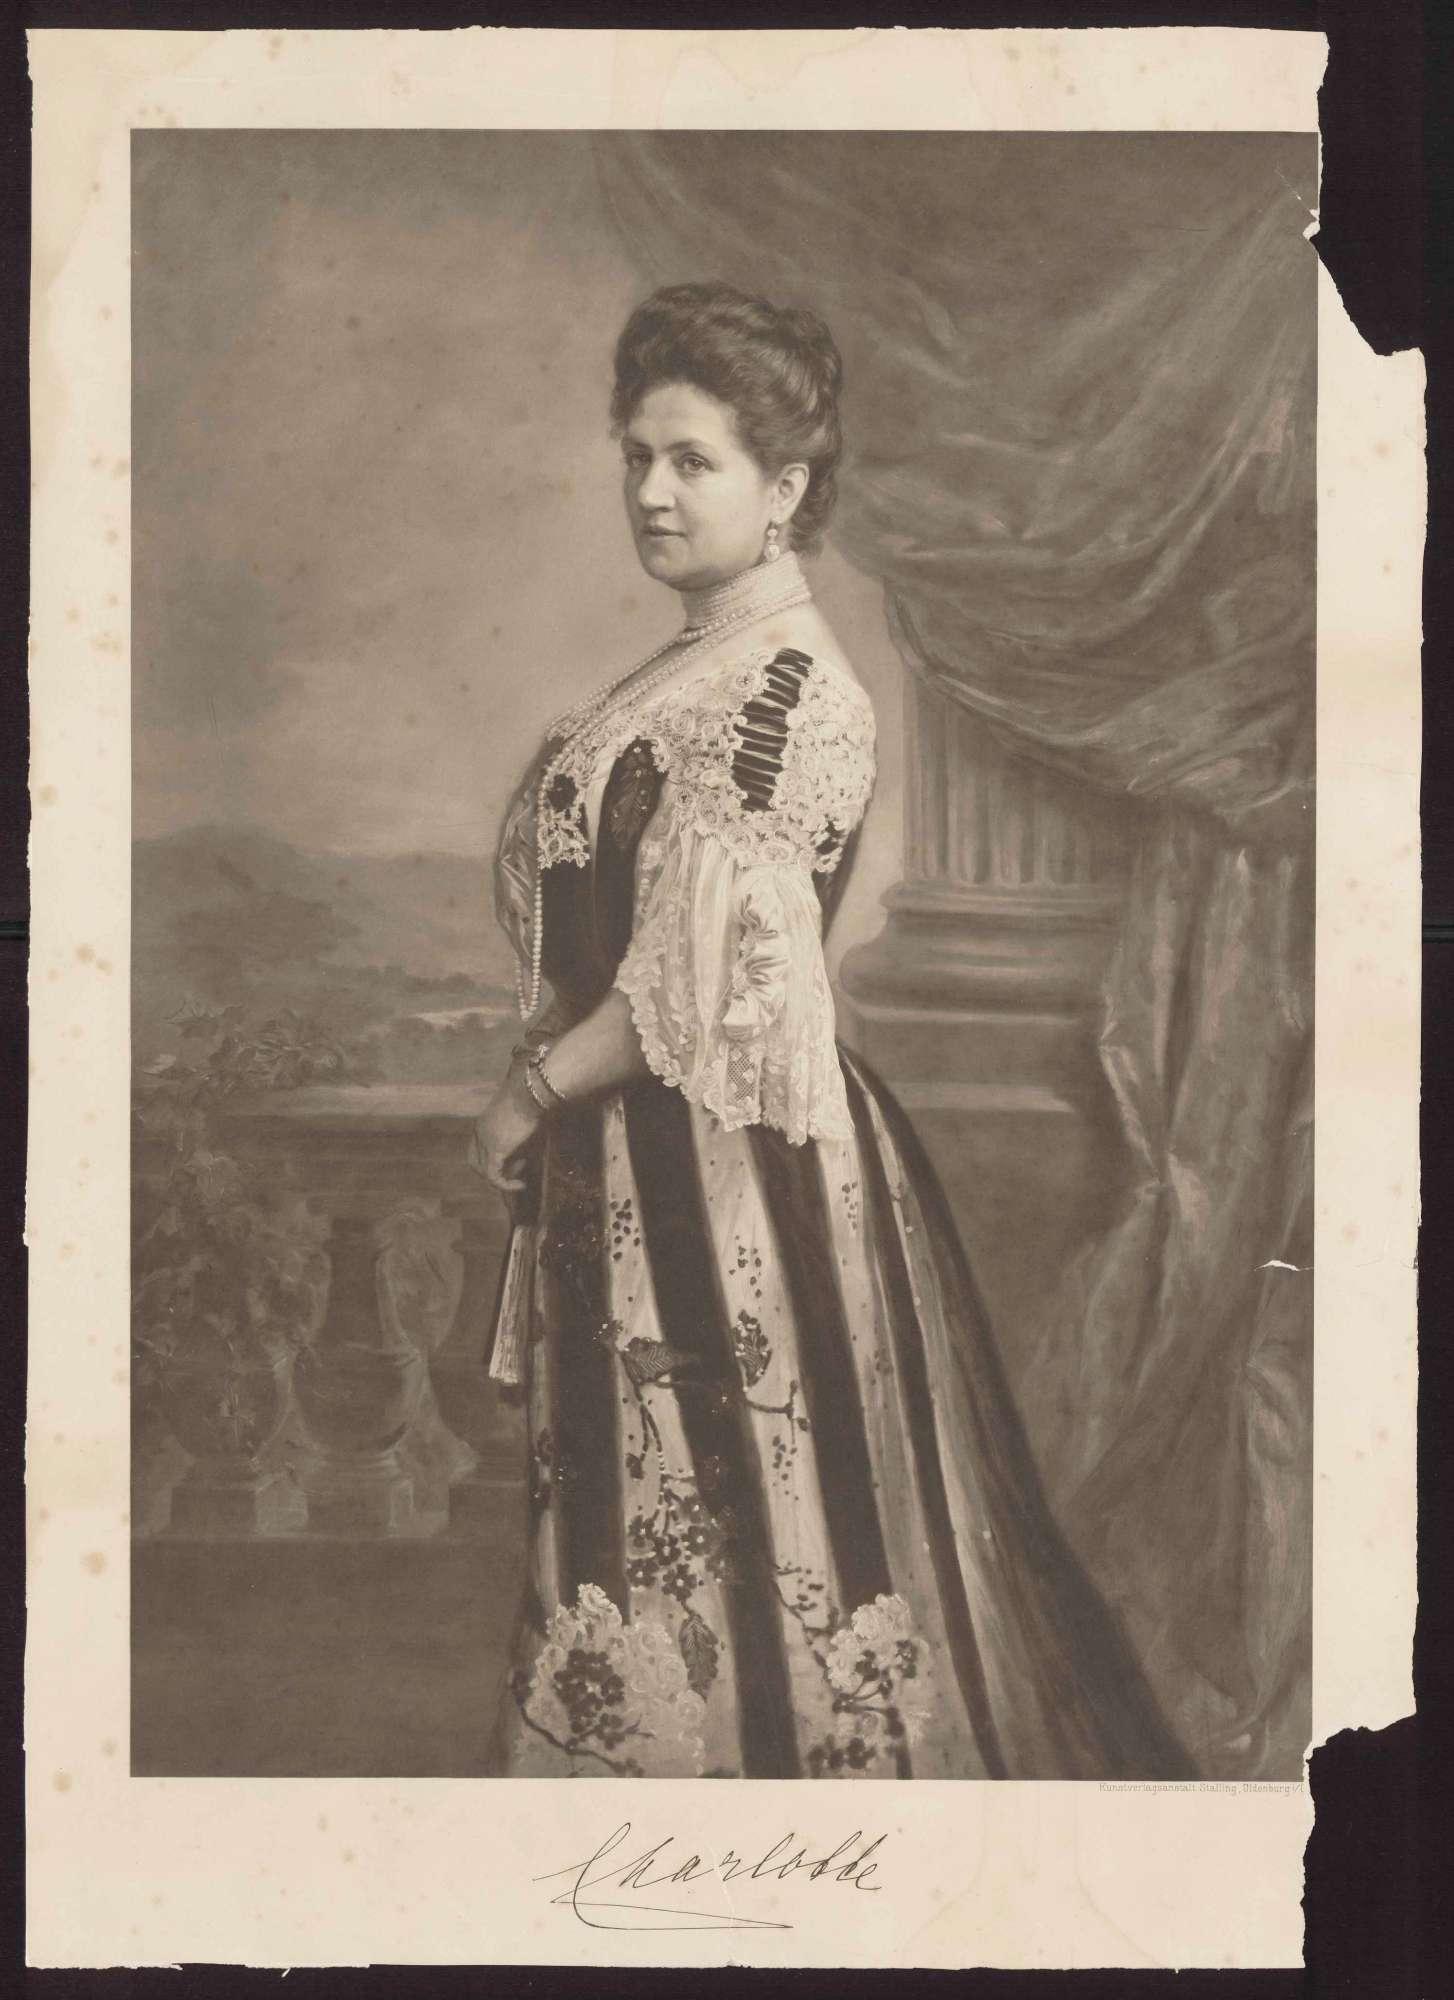 Königin Charlotte von Württemberg mit Halsschmuck auf einer Terasse stehend, Brustbild in Halbprofil, Bild 1